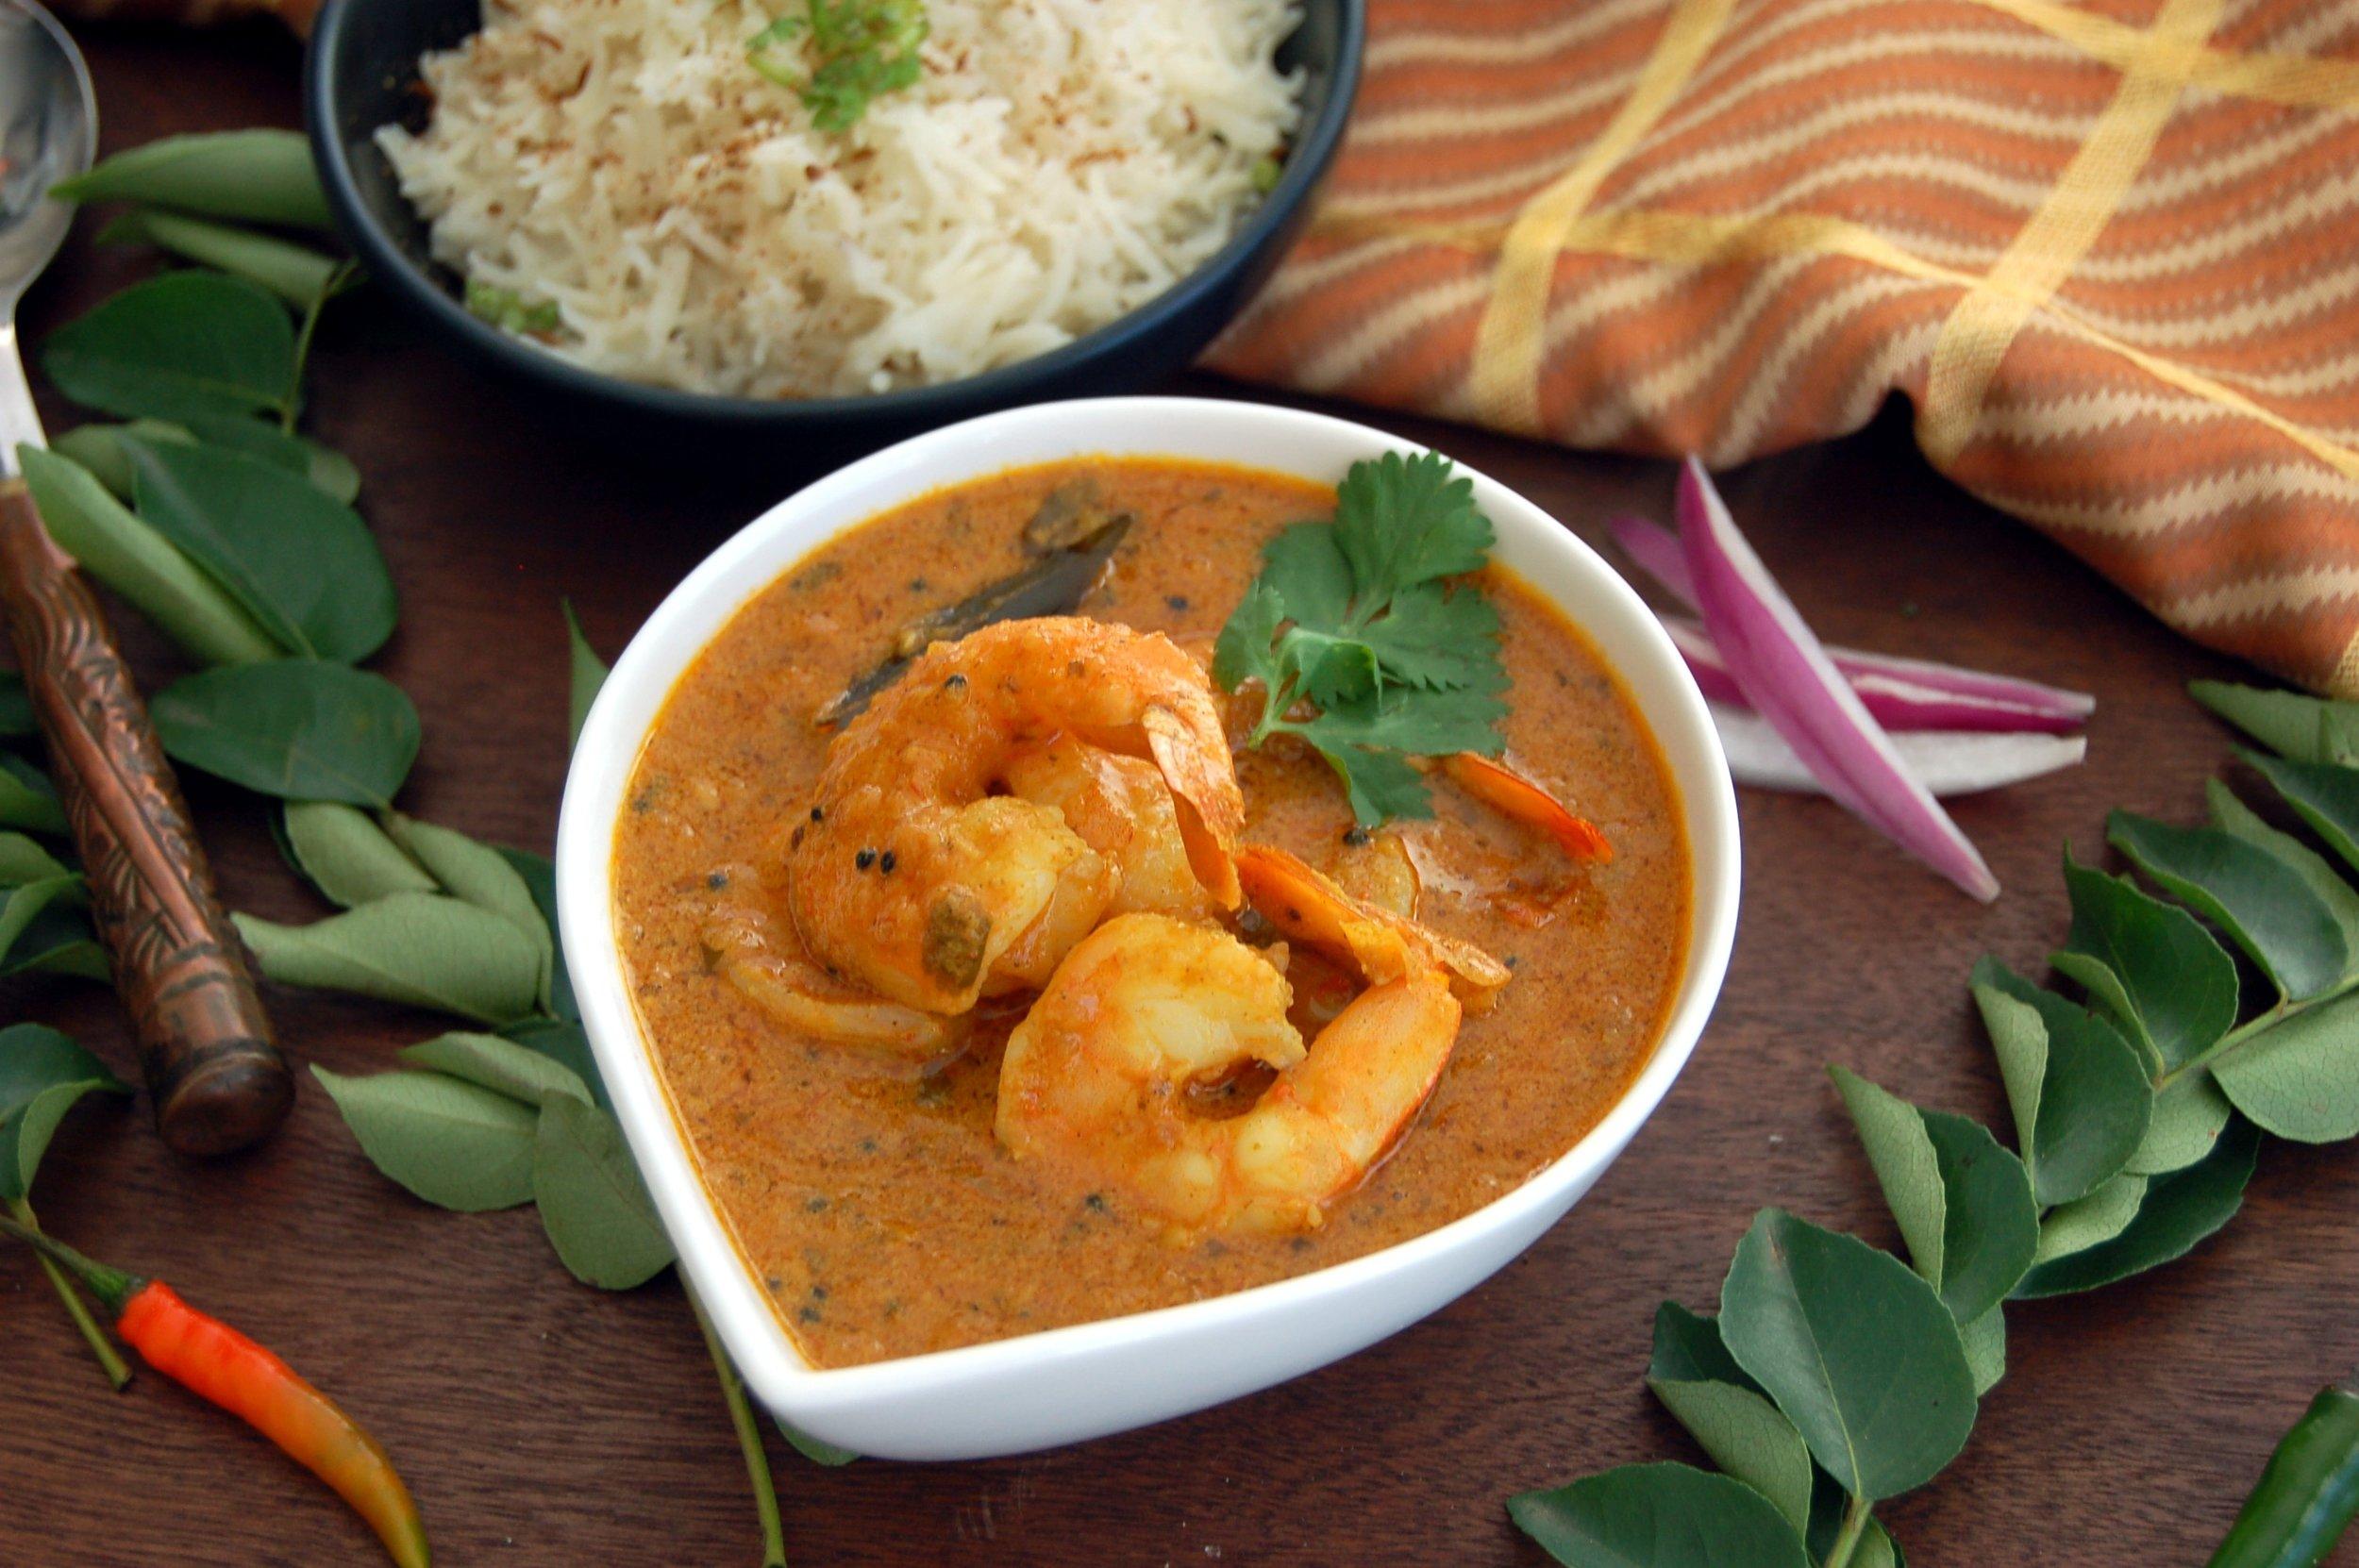 CARI de CREVETTES À LA NOIX de COCO MADRAS - {Madras Masala Arvinda's}Cuisinez ce cari à la noix de coco, décadent et alléchant, qu'on vous servirait dans les régions côtières du Sud de l'Inde. En combinant la noix de coco et les feuilles de cari au Madras Masala Arvinda's, vous concocterez un cari poivré qui éclipsera les mets favoris de tous les amateurs de fruits de mer! Sans gluten et sans produits laitiers.